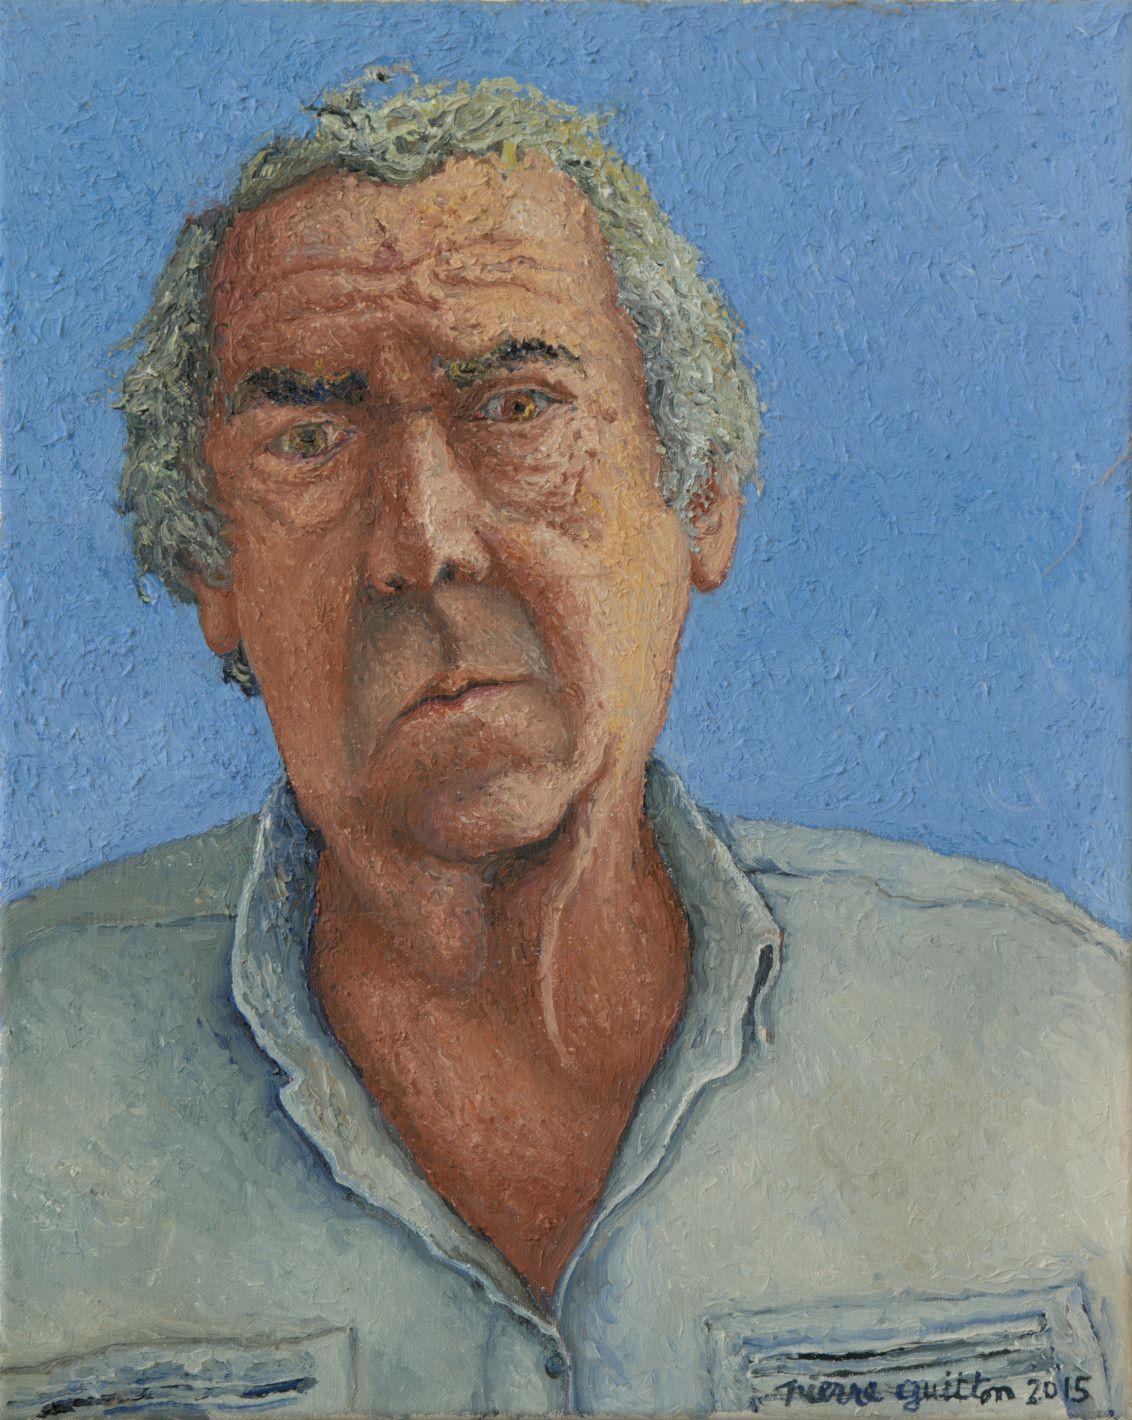 Autoportrait de Pierre Guitton